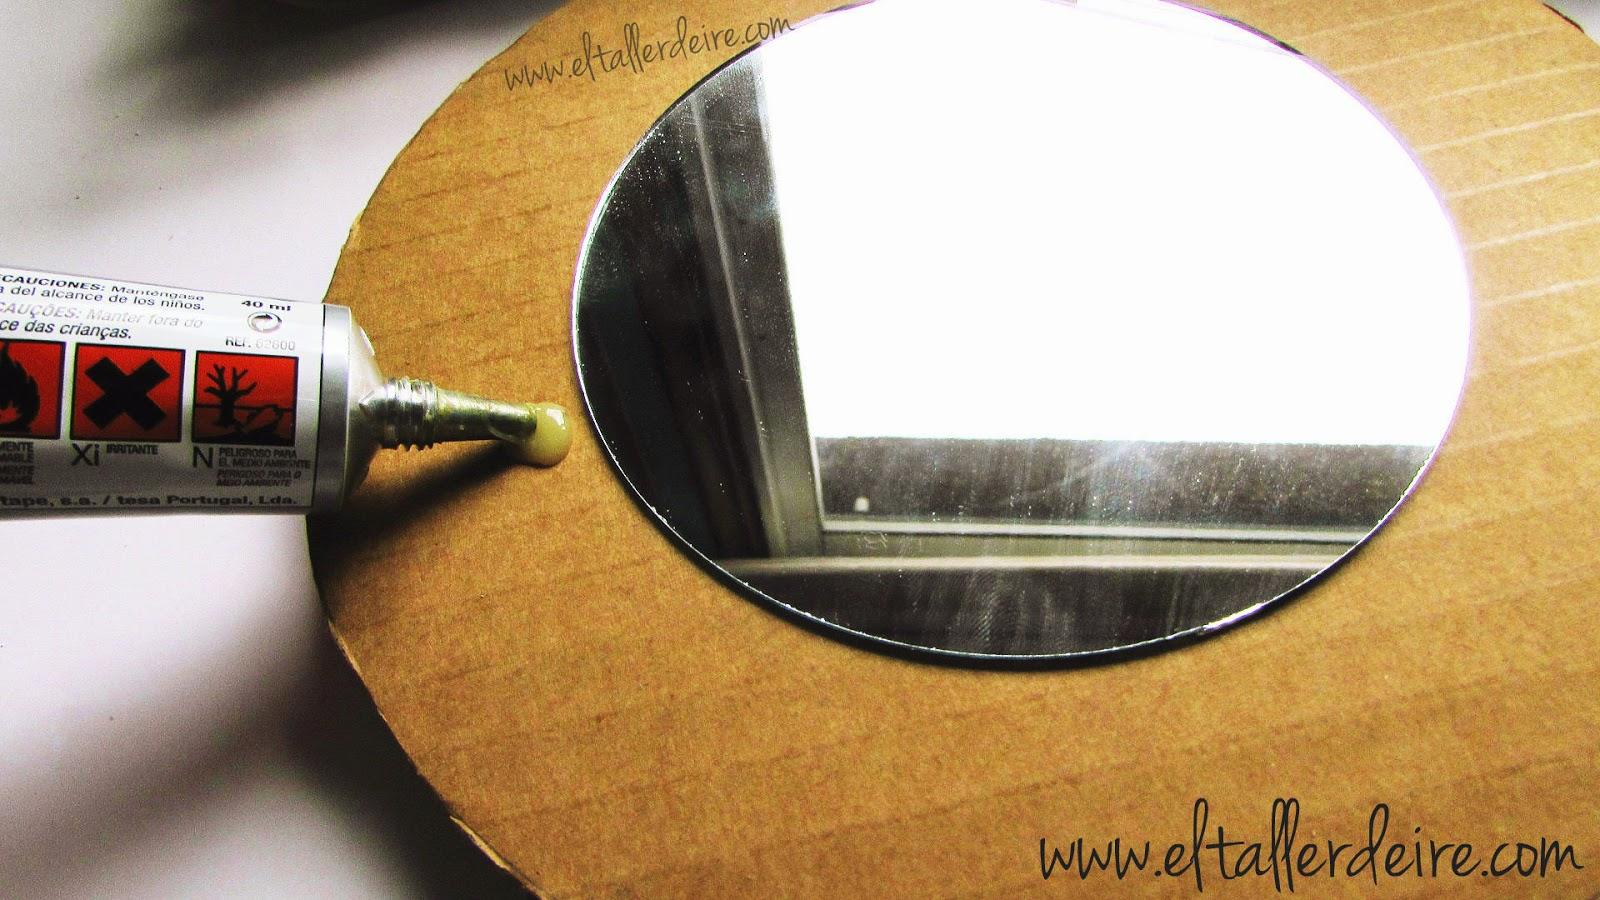 C mo hacer marcos de espejos con conchas el taller de ire for Como colgar un espejo